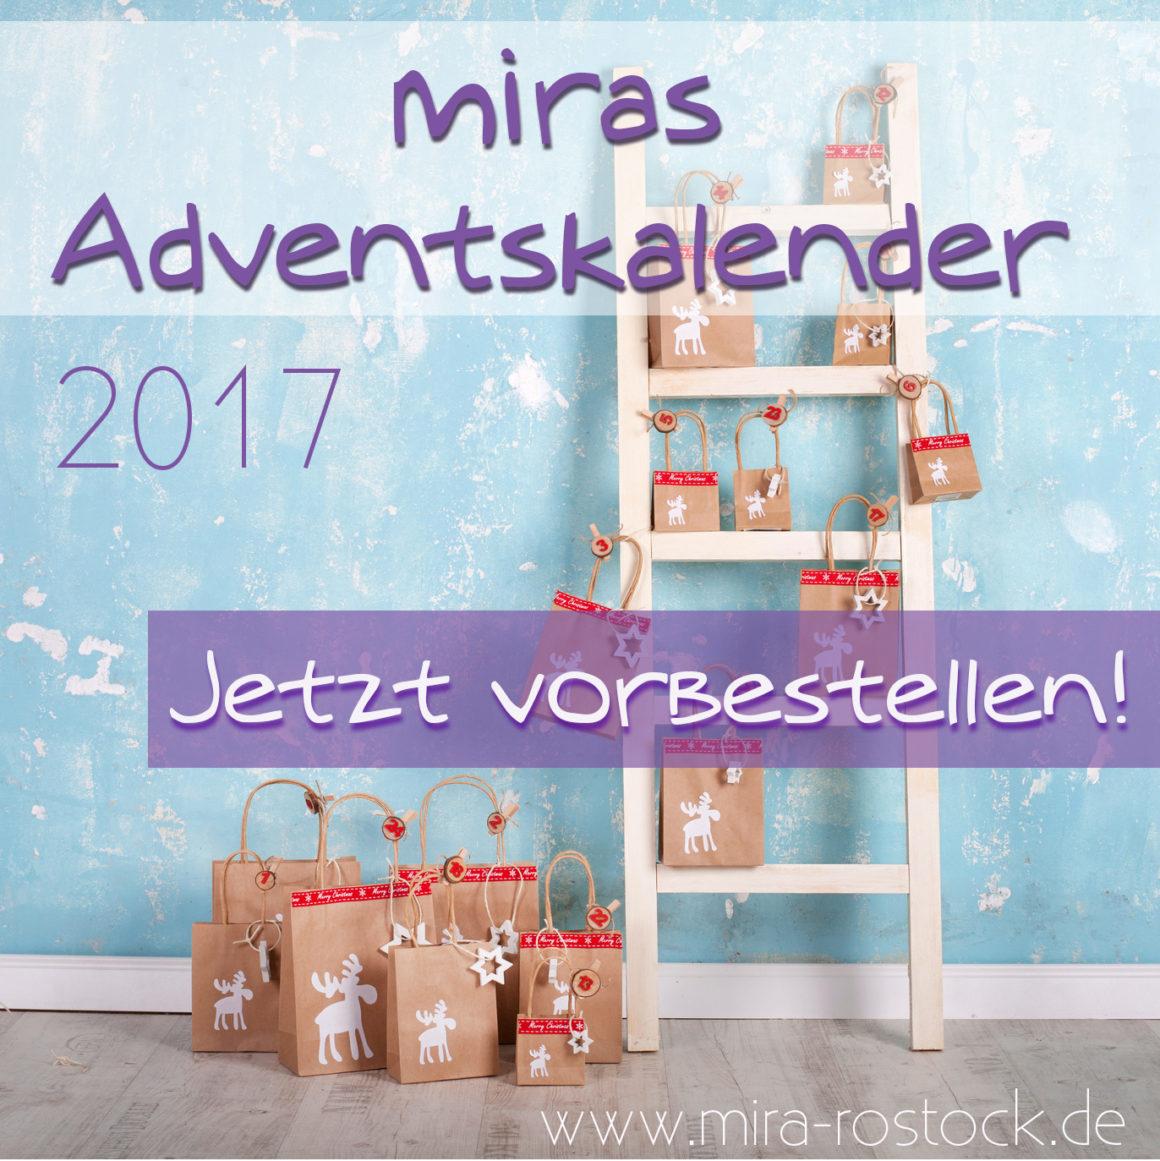 miras Adventskalender 2017 jetzt vorbestellen!